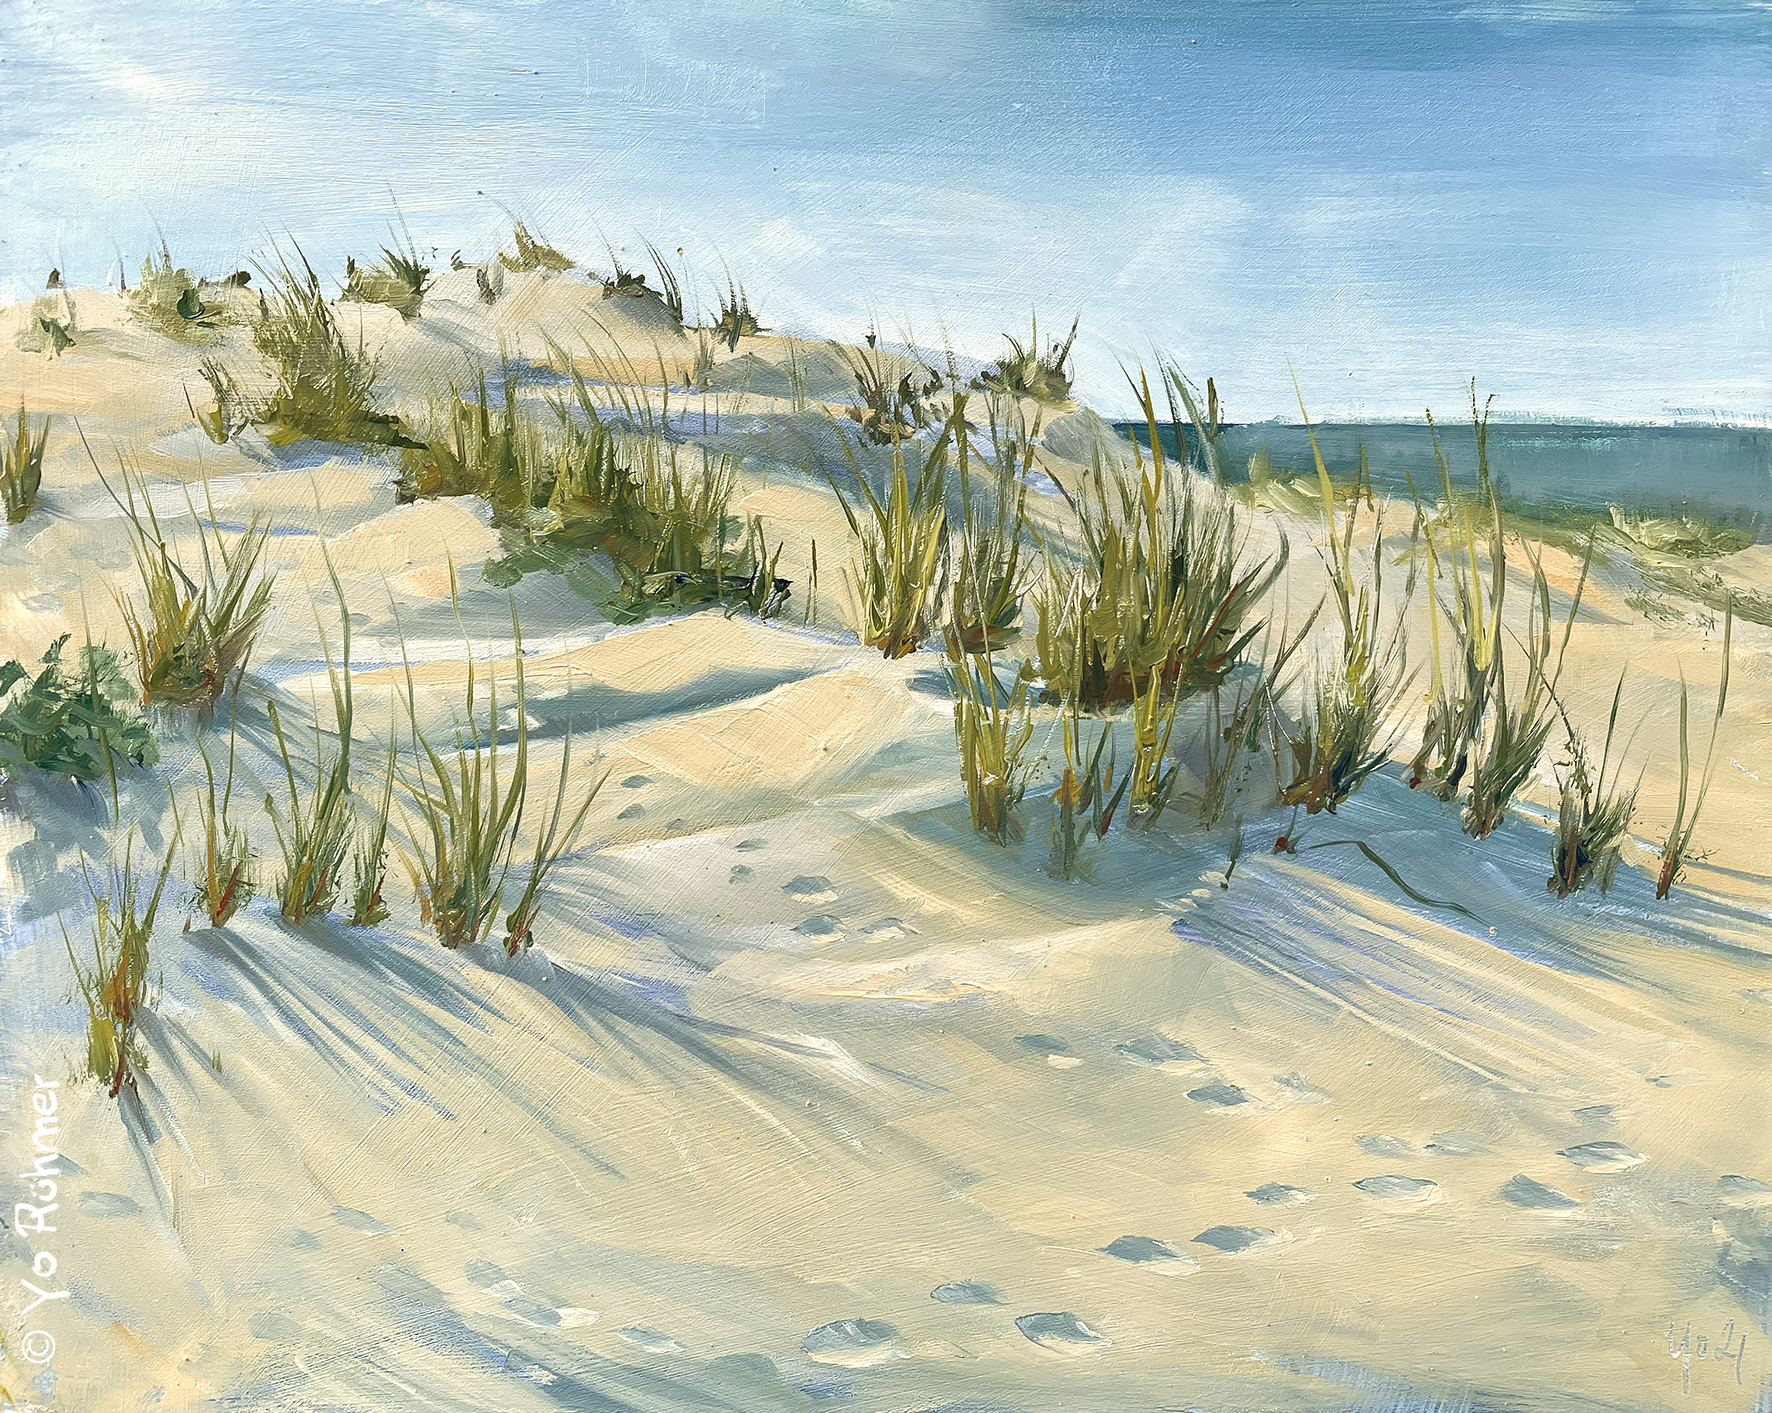 Duene-oelbild-pleinairmalerei-920